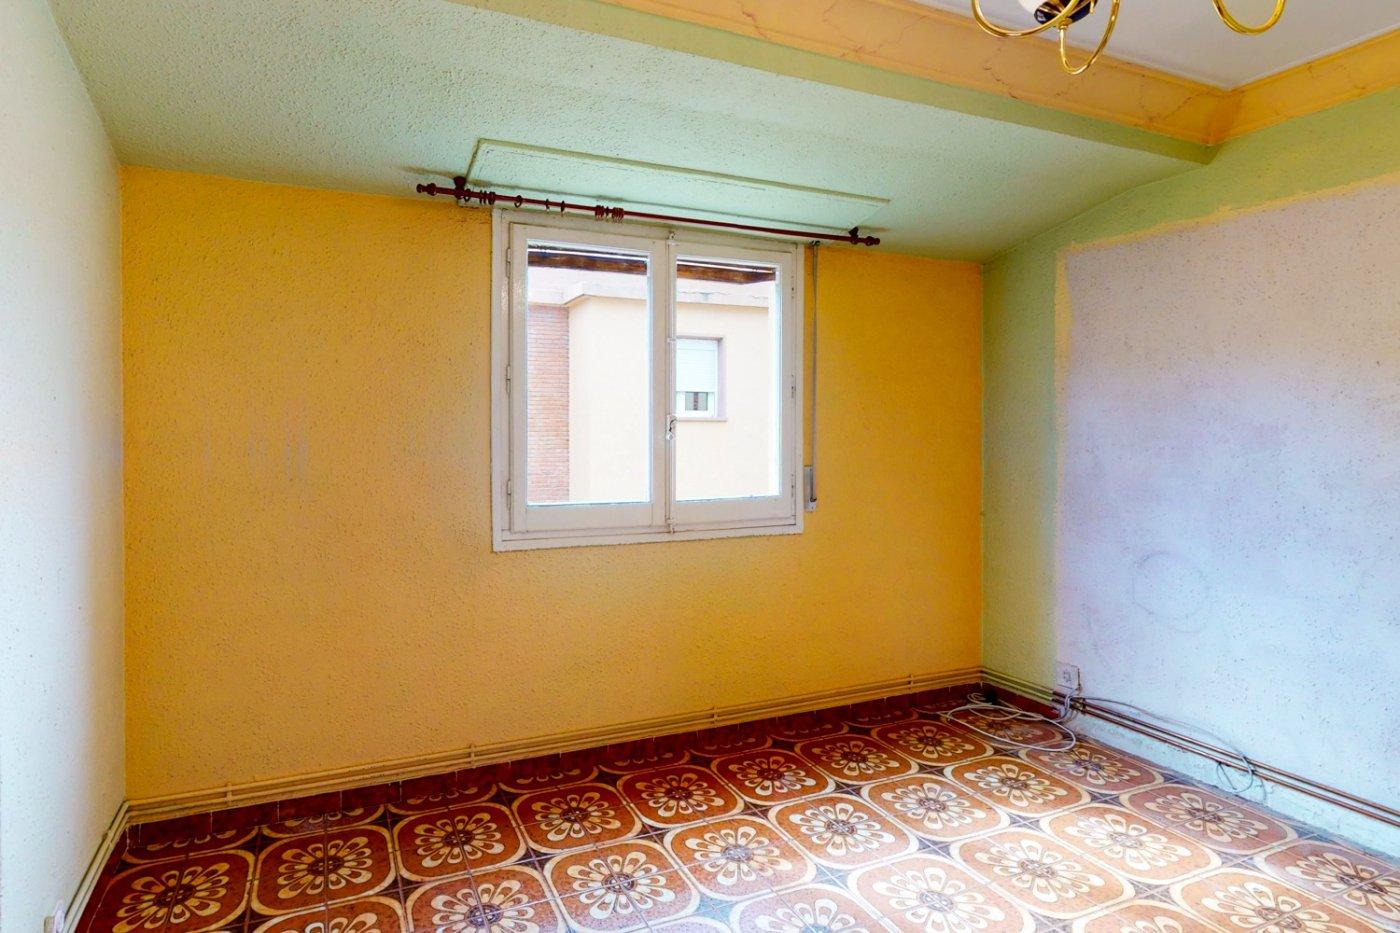 Piso a la venta en c/ lugo, exterior, de tres dormitorios, salon, cocina y baÑo. - imagenInmueble4